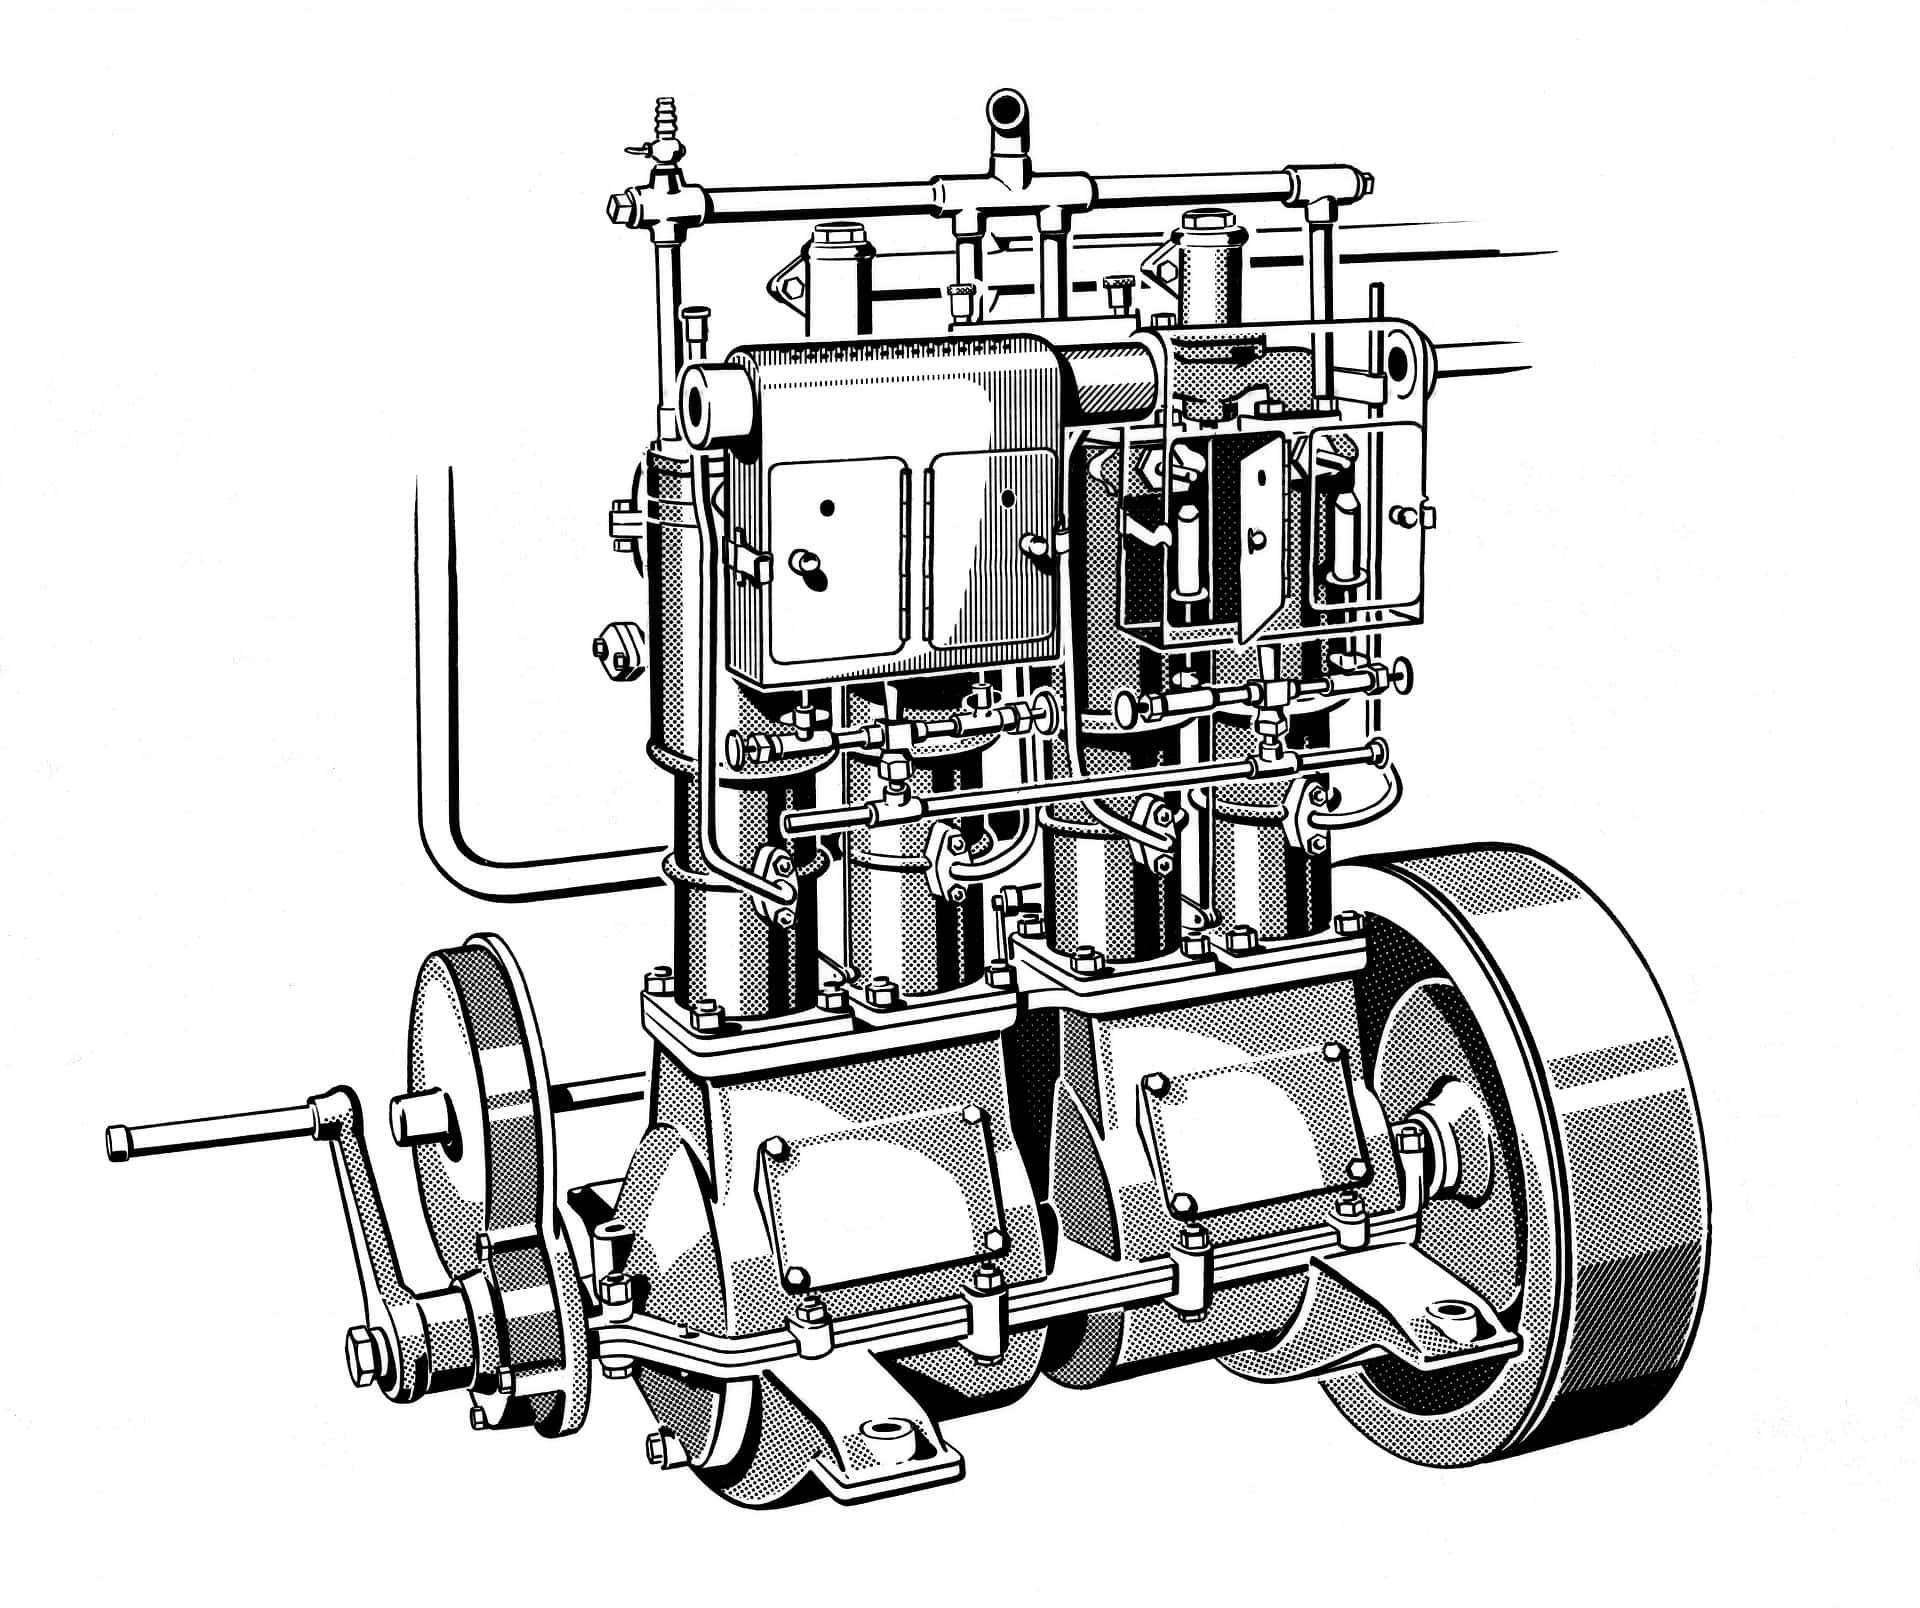 Erster Vierzylinder-Benzinmotor, ein Bootsmotor. Das erste Exemplar liefert die Daimler-Motoren-Gesellschaft am 21. August 1890 nach New York aus. Konstruiert hat ihn Wilhelm Maybach. Zu den technischen Details gehören unter anderem eine dreifach gelagerte und vierfach gekröpfte Kurbelwelle, die Ventilsteuerung über eine Nockenwelle, hängende Auslassventile sowie eine effektive Zylinderkühlung über Wassermäntel. Zeichnung. First four-cylinder petrol engine, a marine engine. Daimler-Motoren-Gesellschaft delivered the first of these cars to New York on 21 August 1890. It had been designed by Wilhelm Maybach. The technical refinements included a three-bearing, four-throw crankshaft, valve train via a camshaft, overhead exhaust valves and effective cylinder cooling using water jackets. Illustration.